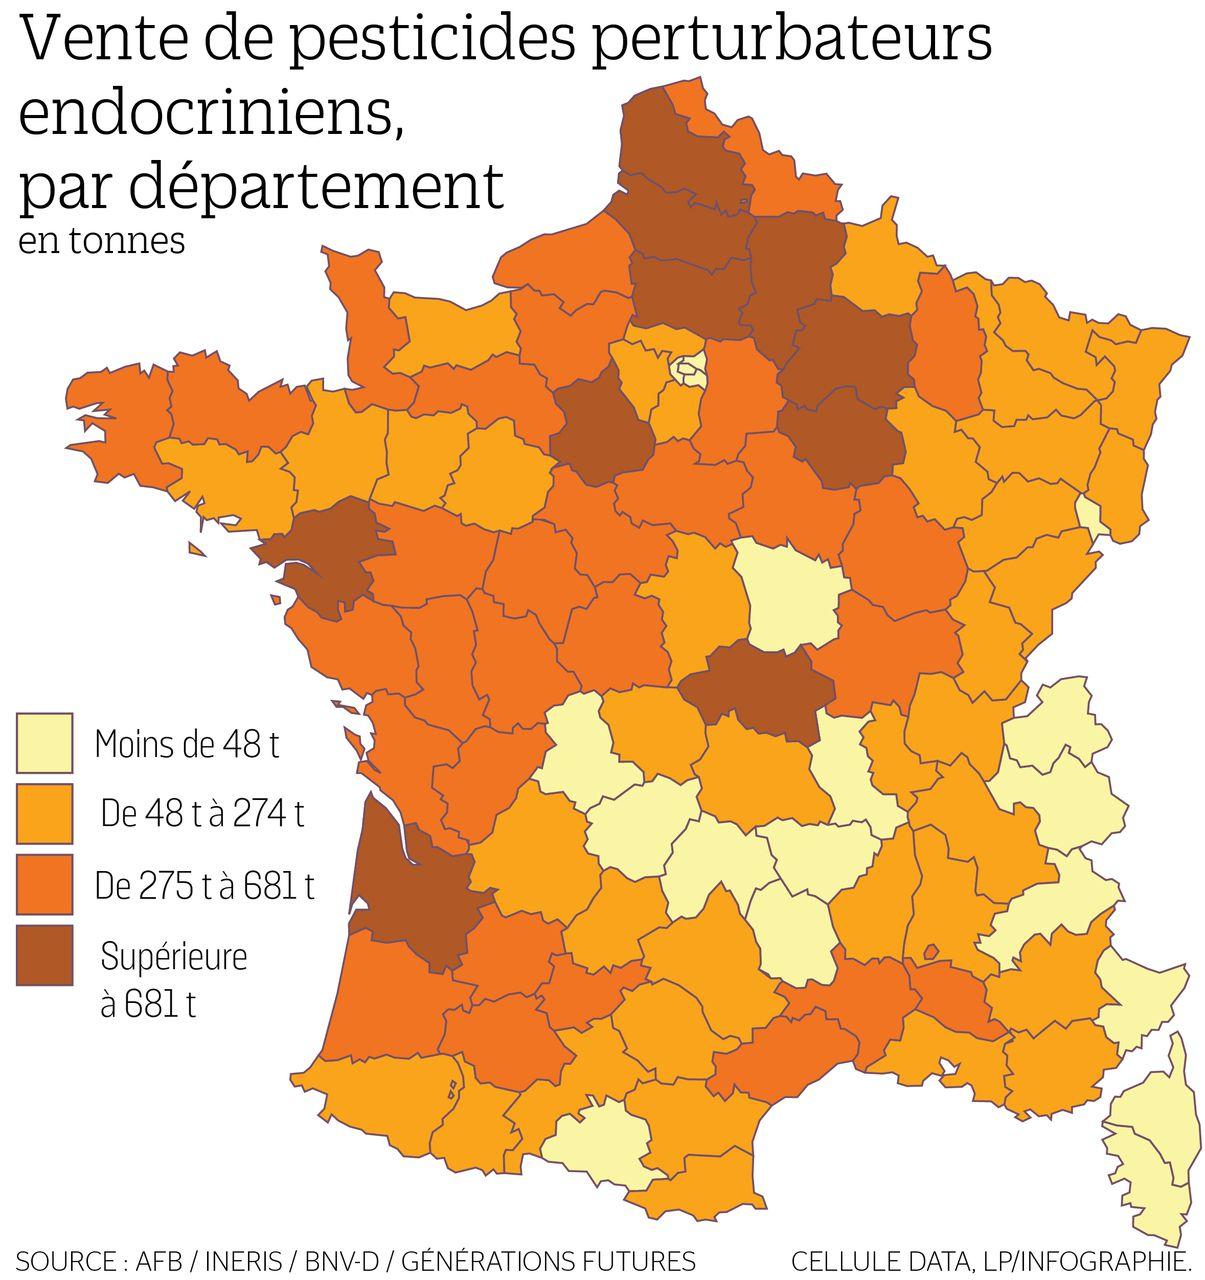 La Carte De France Des Départements Les Plus Consommateurs dedans Carte De France Des Départements